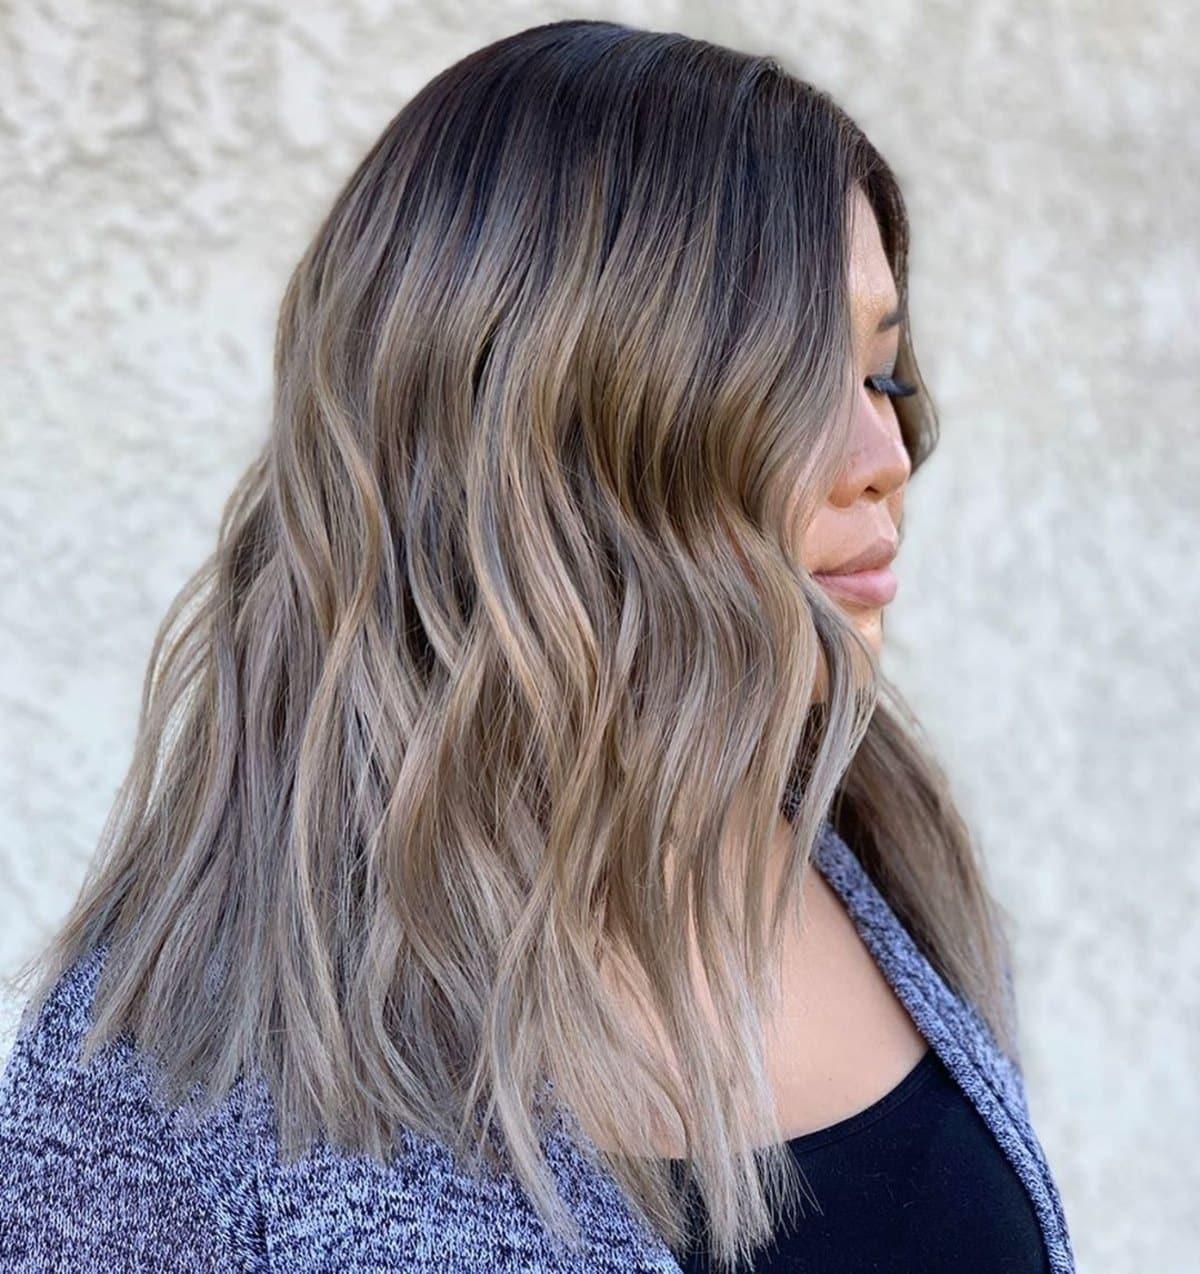 cheveux bruns clairs cendrés pour femme asiatique